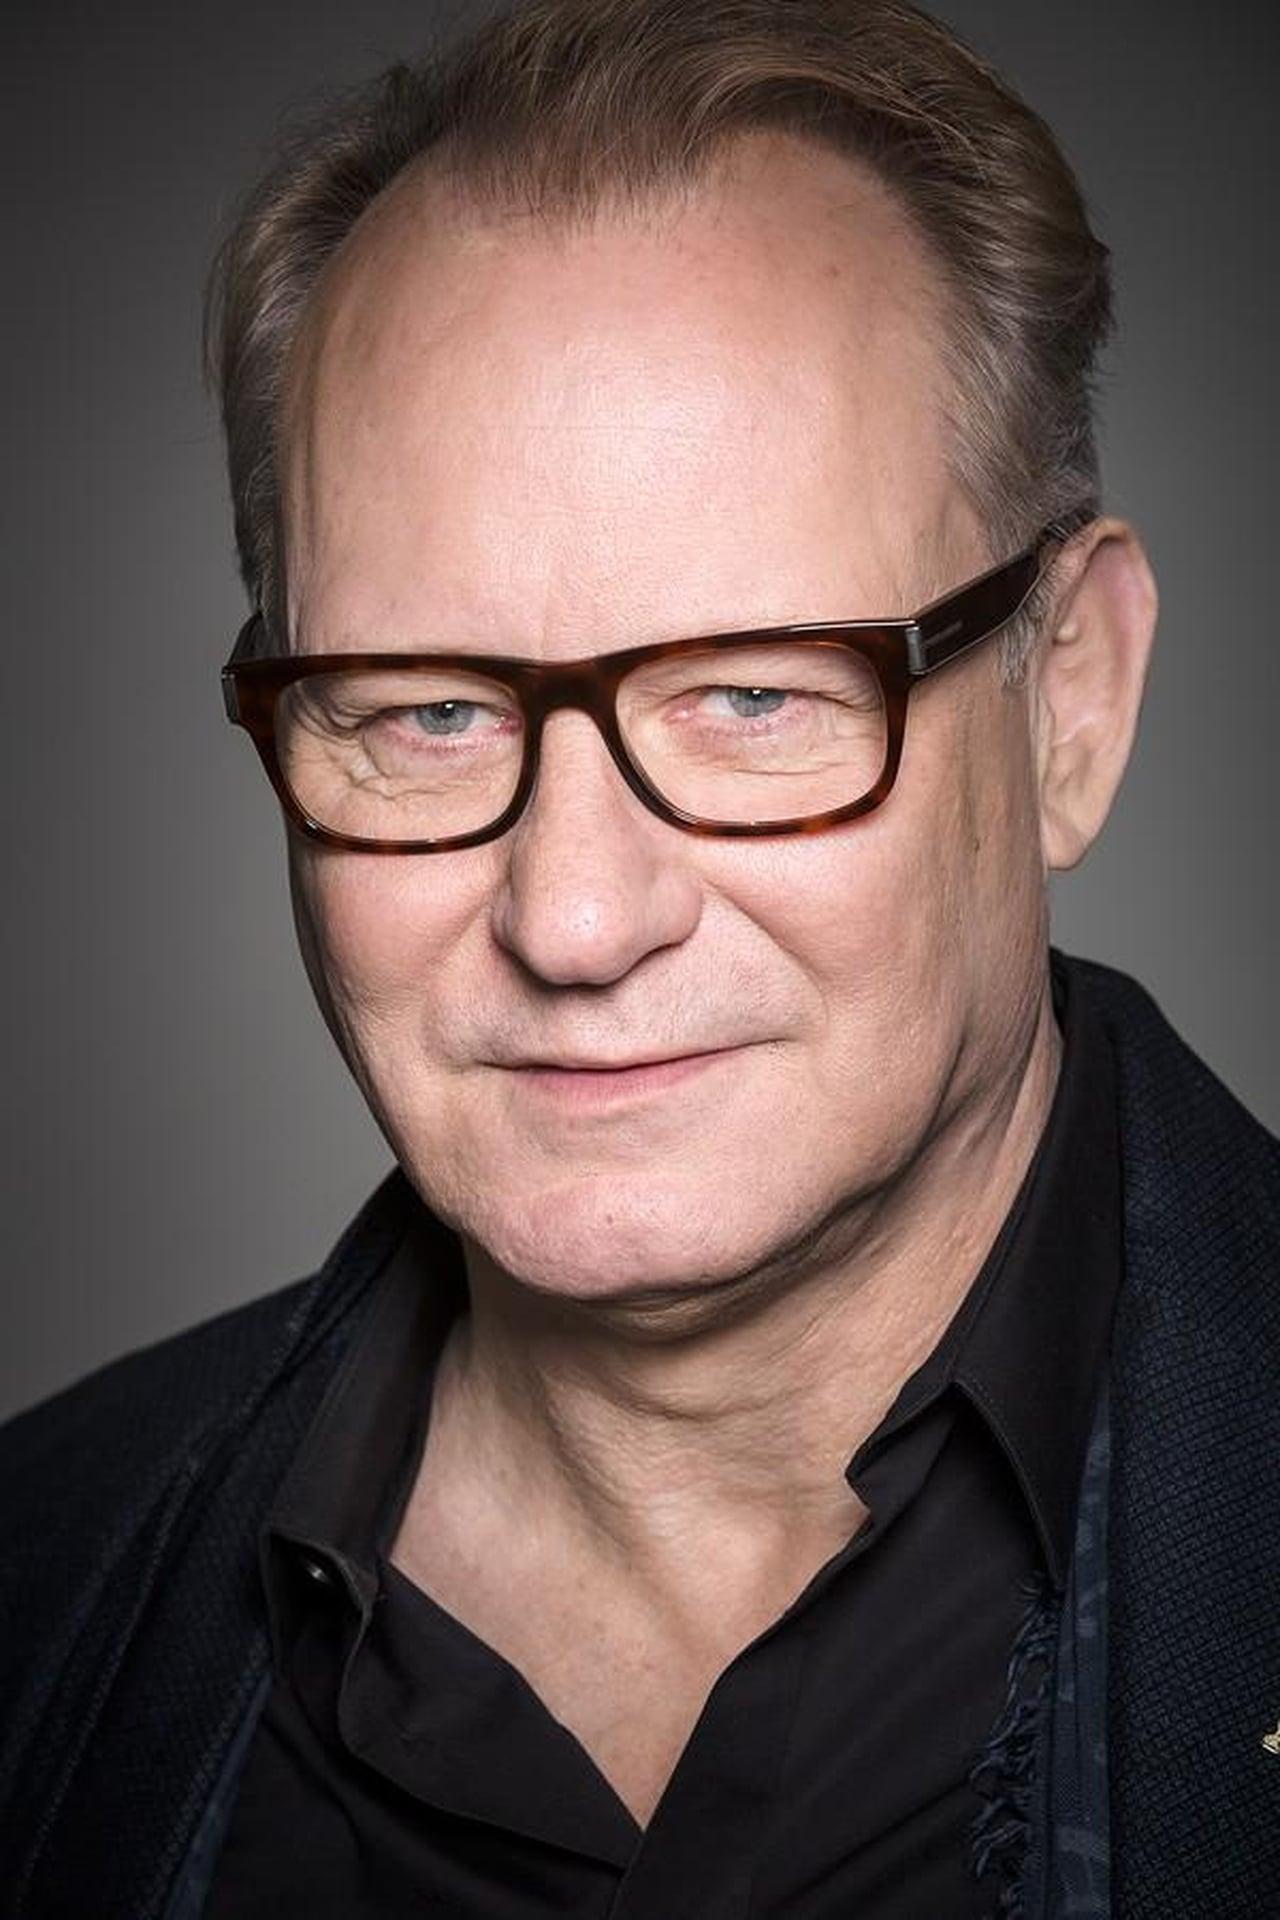 Stellan Skarsgård isThe Boss